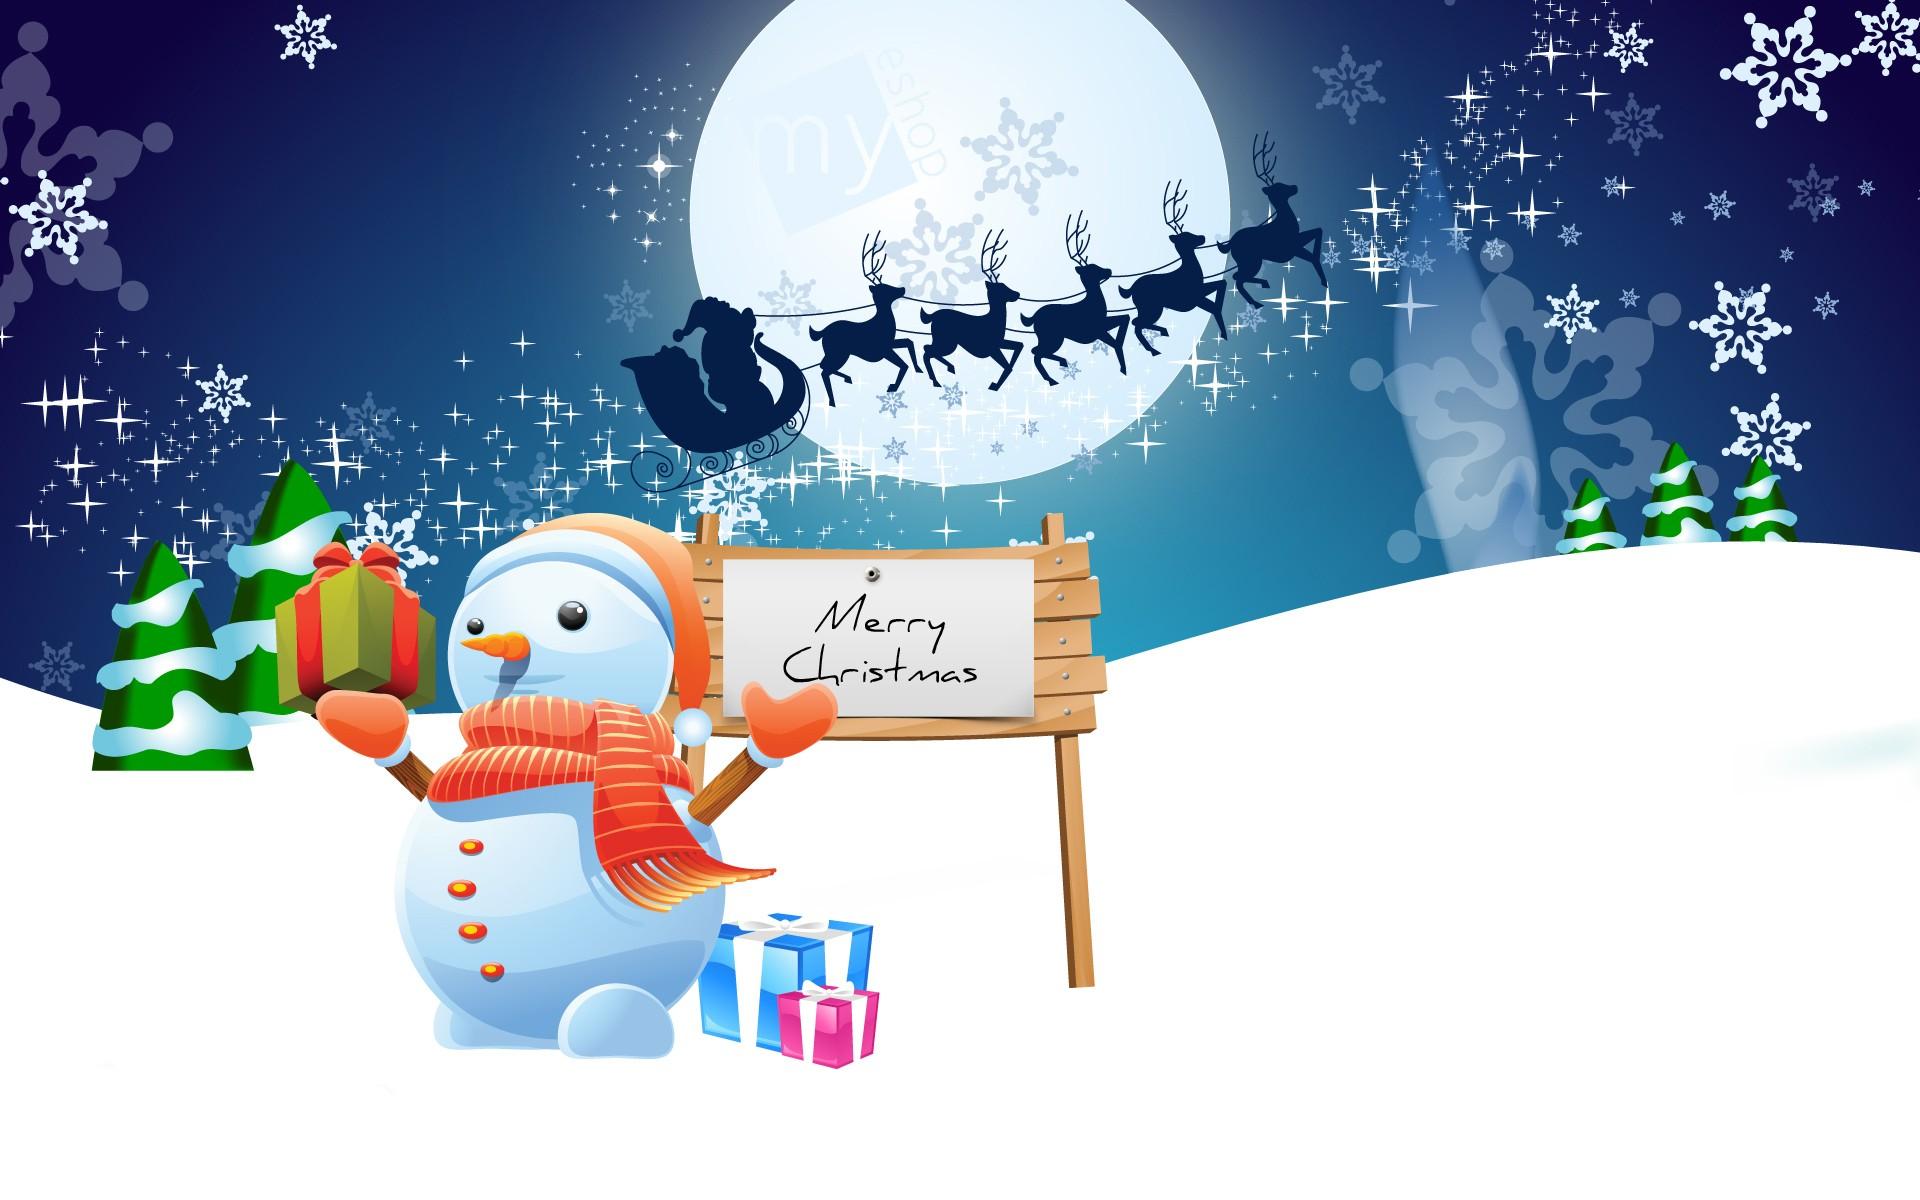 Dibujo de hombre de las nieves en navidad - 1920x1200